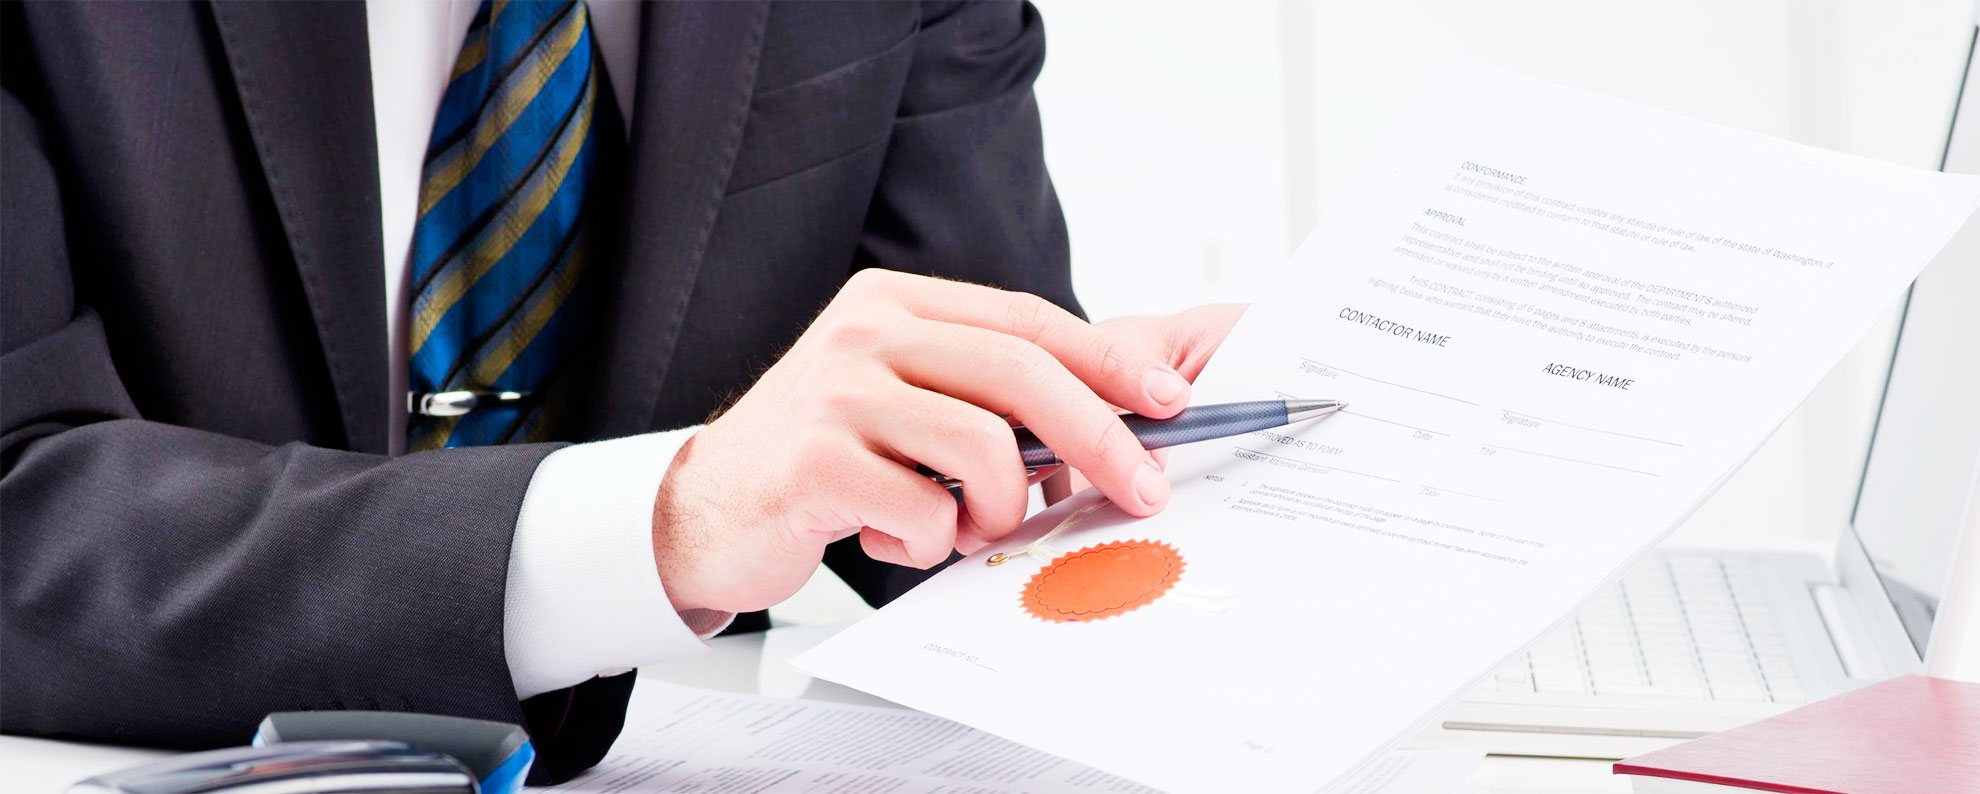 Свидетельства о государственной регистрации, Экспертные заключения